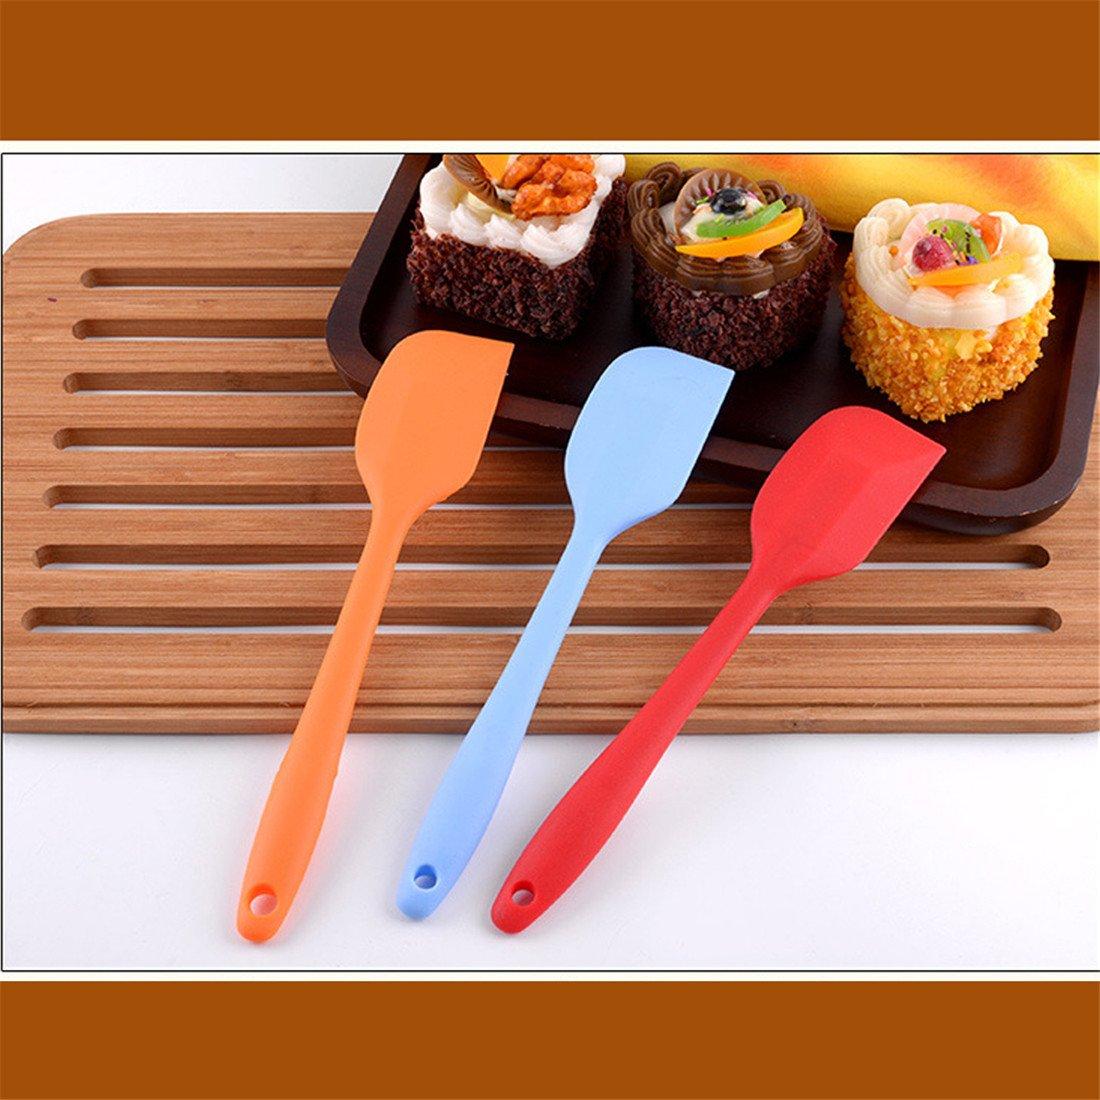 esp/átulas de alta temperatura esp/átulas de silicona de grado alimenticio azul para mezclar mantequilla de cocina y hacer postres Esp/átula integrada para reposter/ía